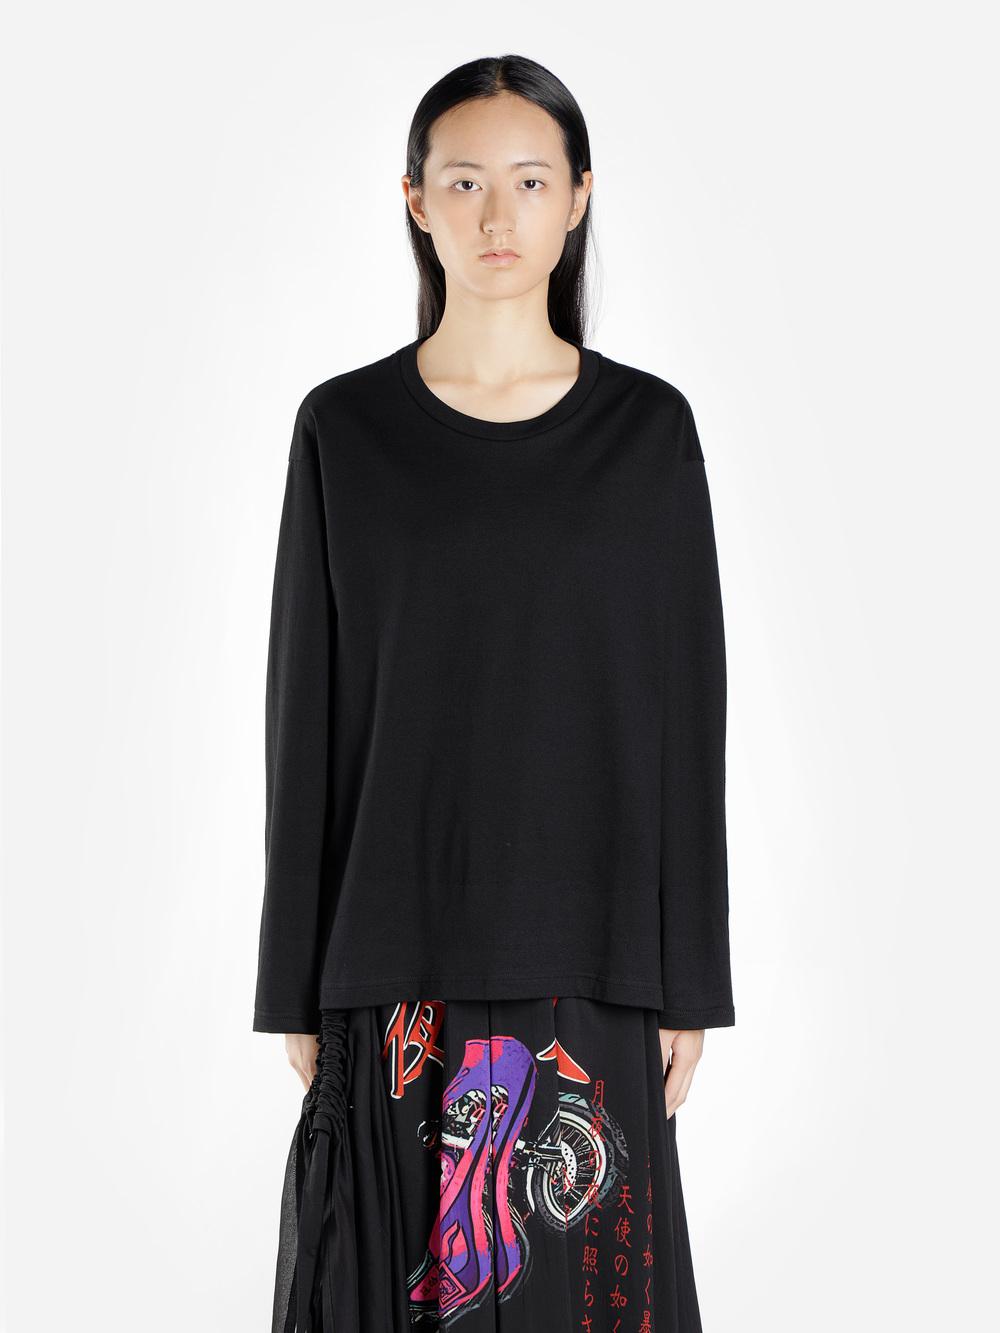 Yohji Yamamoto T-Shirts In Black